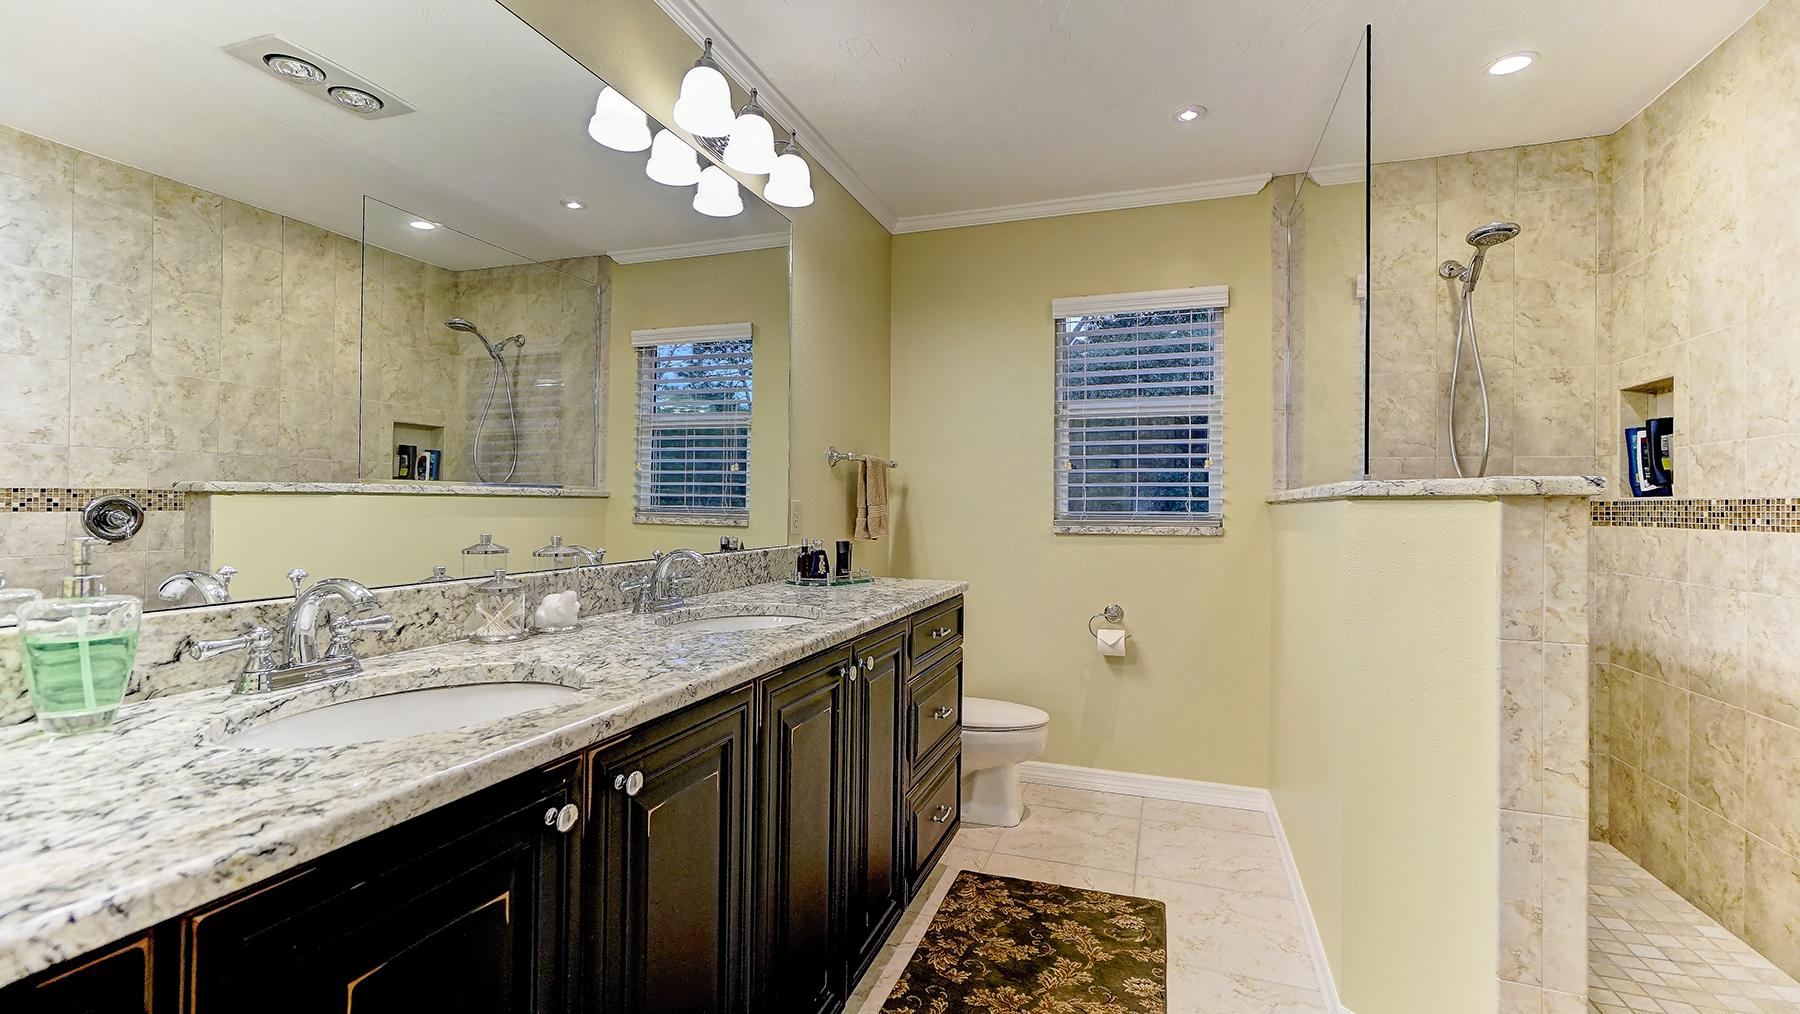 단독 가정 주택 용 매매 에 GATOR CREEK 6701 S Gator Creek Blvd Sarasota, 플로리다, 34241 미국